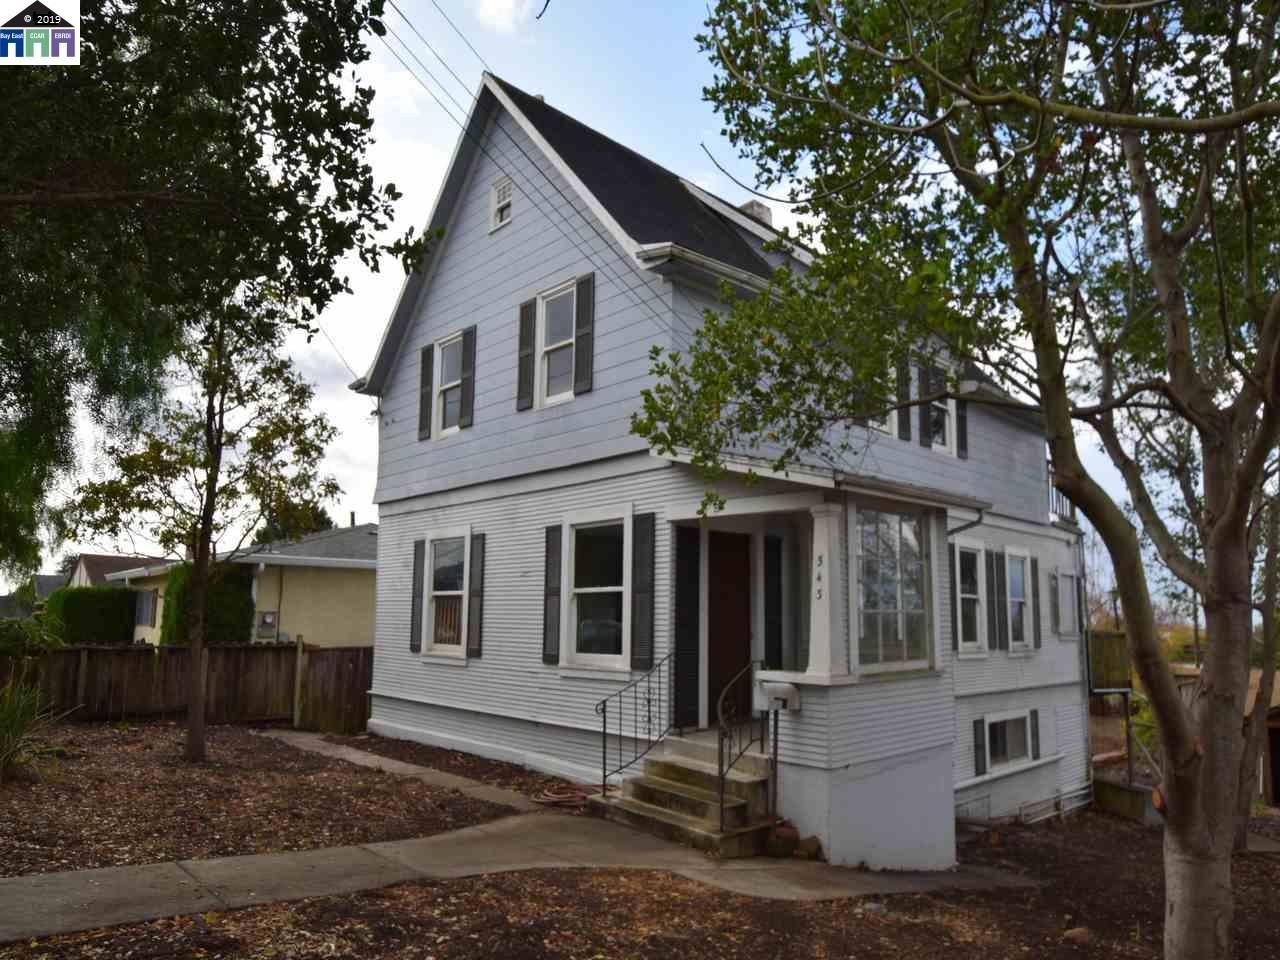 543 Norvell Street El Cerrito, CA 94530